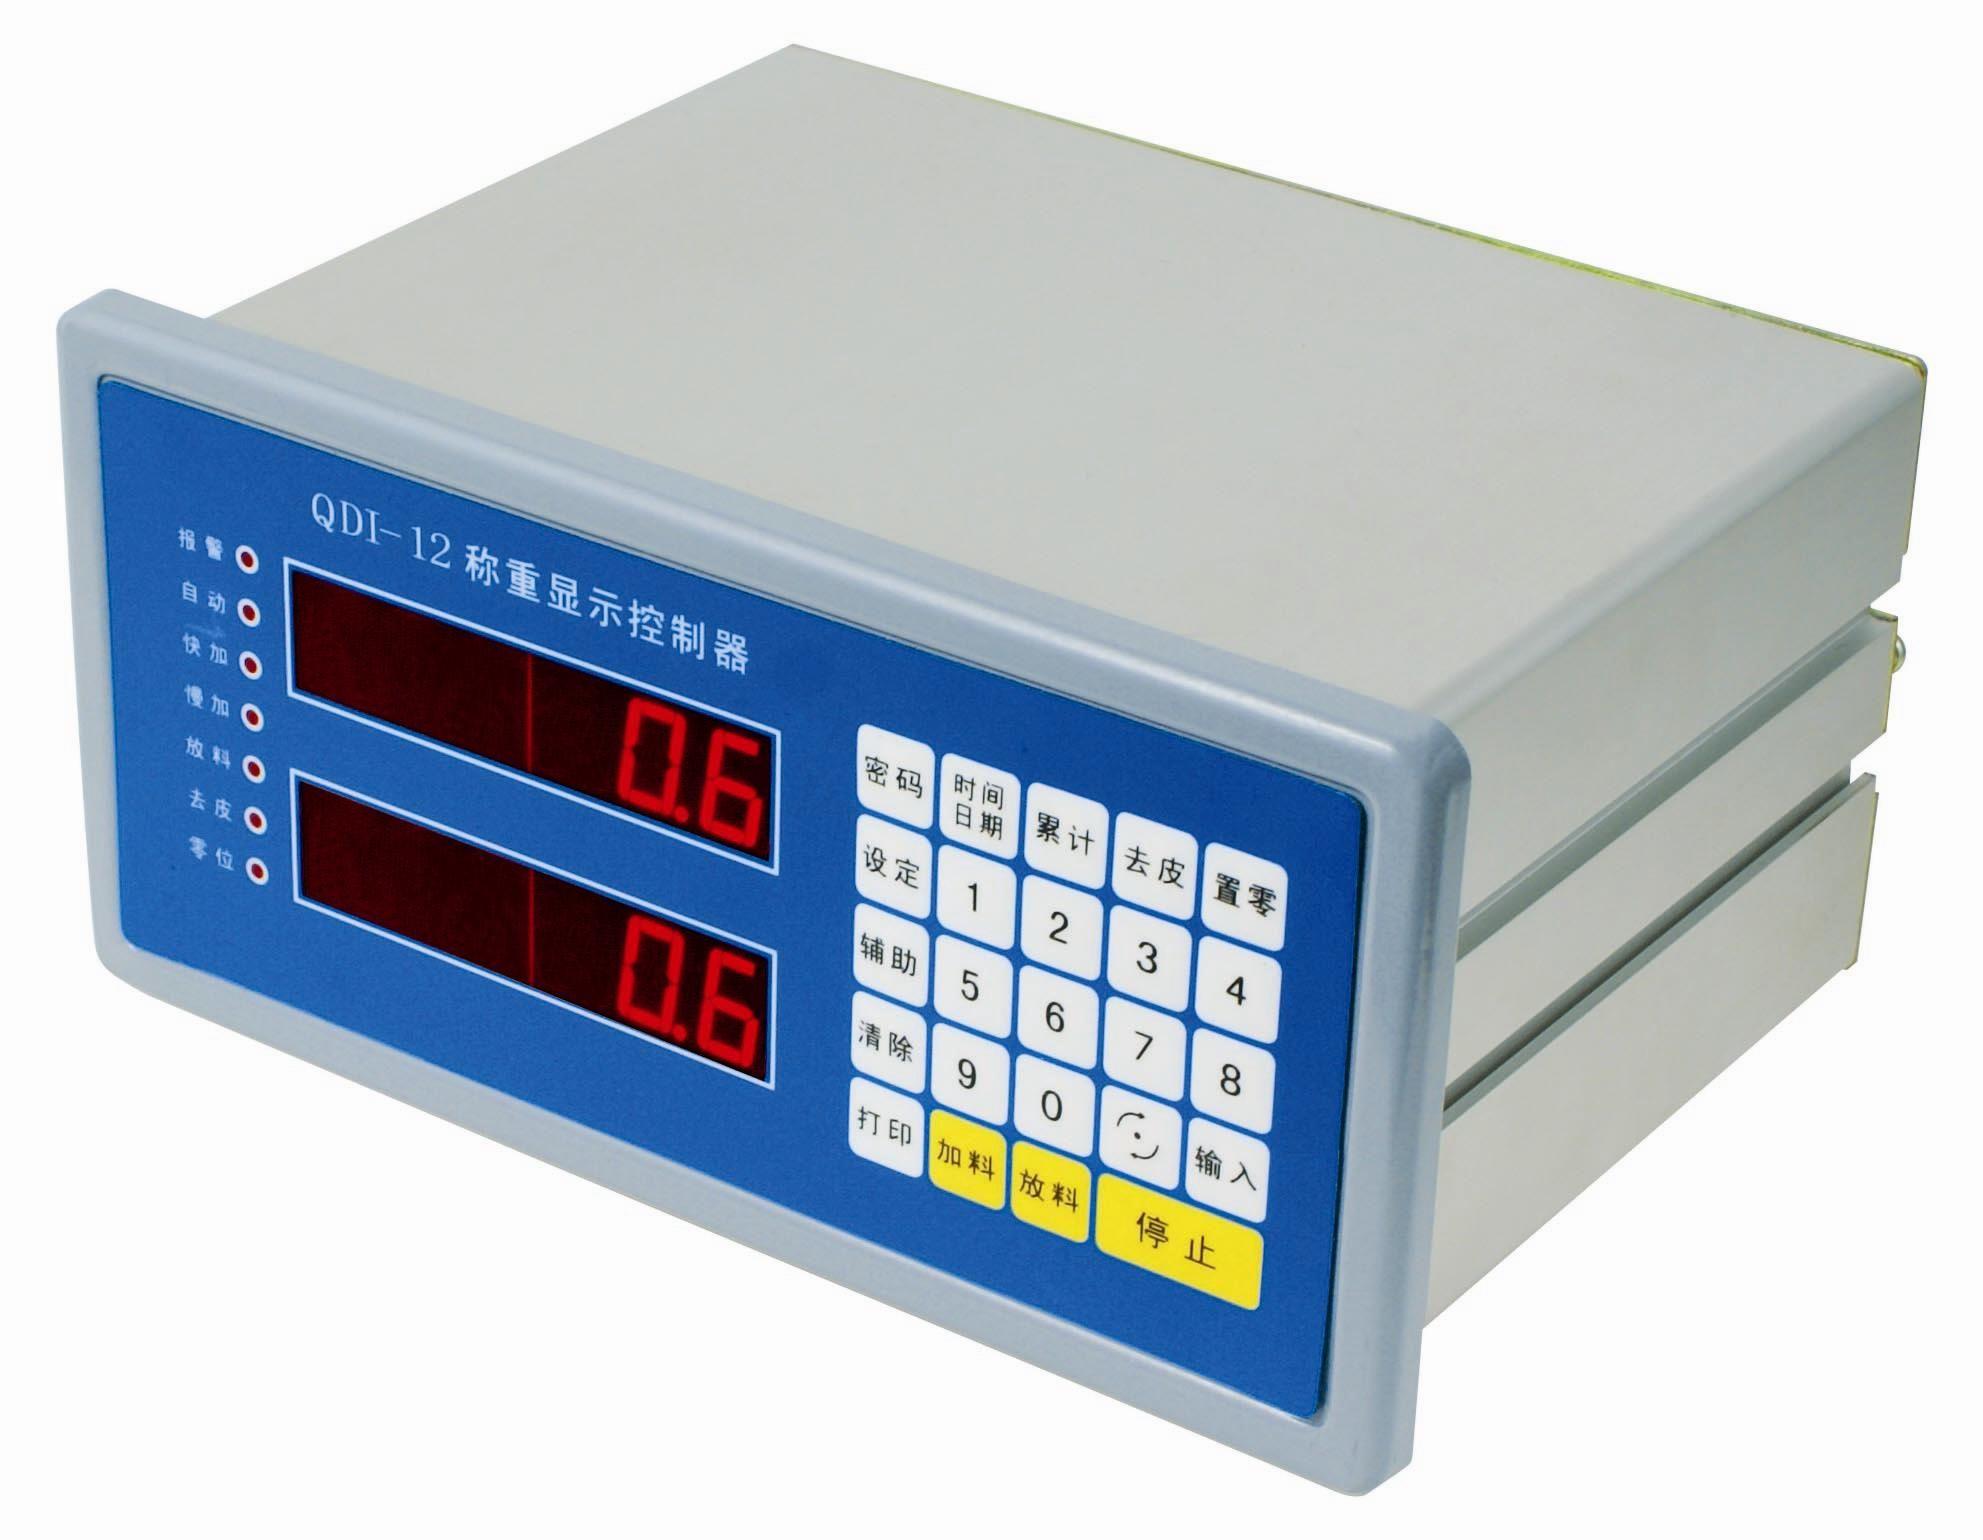 秋毫仪表 QDI-12K 选别控制器 包装秤 控制表 安装方便重量显示器